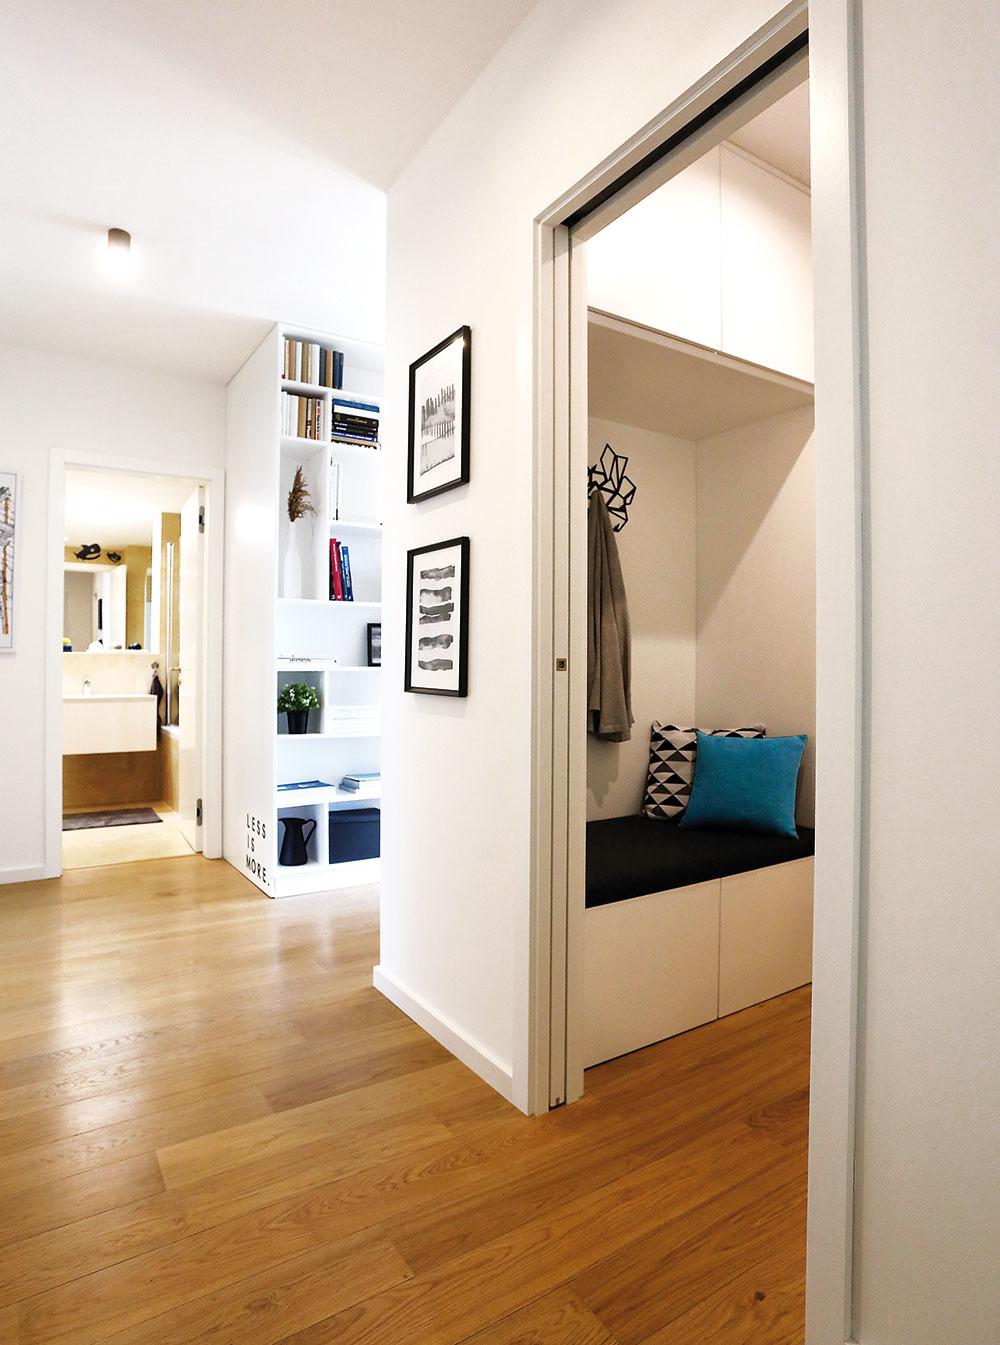 """Praktický šatník s posuvnými dverami, ktoré sa zasúvajú do puzdra v stene, """"ukrojil"""" kúsok z pomerne rozľahlej chodby. Aj vďaka tomu, že je tu dostatok miesta na odloženie všetkého, čo s domácnosťou súvisí, môže byť celý byt minimalistický a vždy uprataný."""